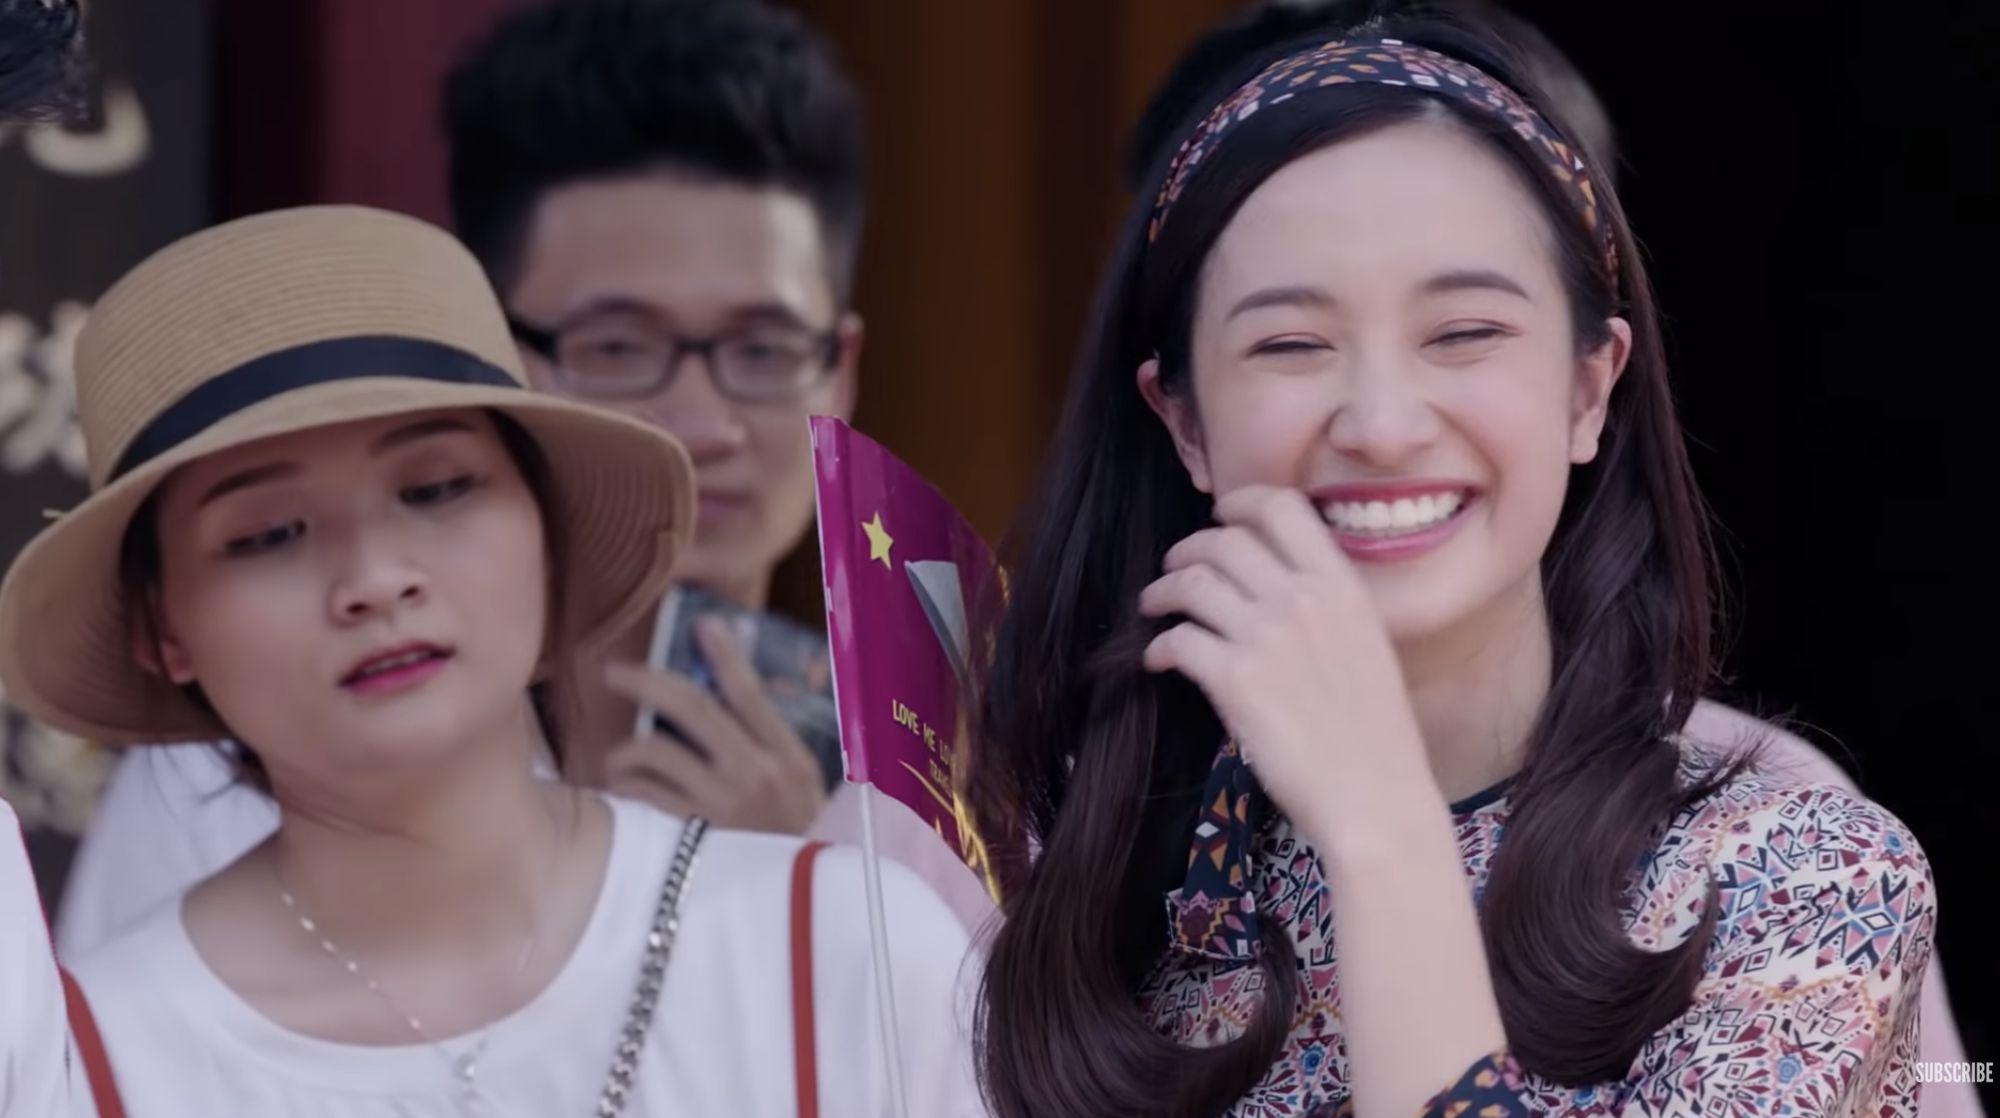 Ngắm loạt ảnh Đà Nẵng - Hội An đẹp ngỡ ngàng trong phim Wolf Thái Lan (11)